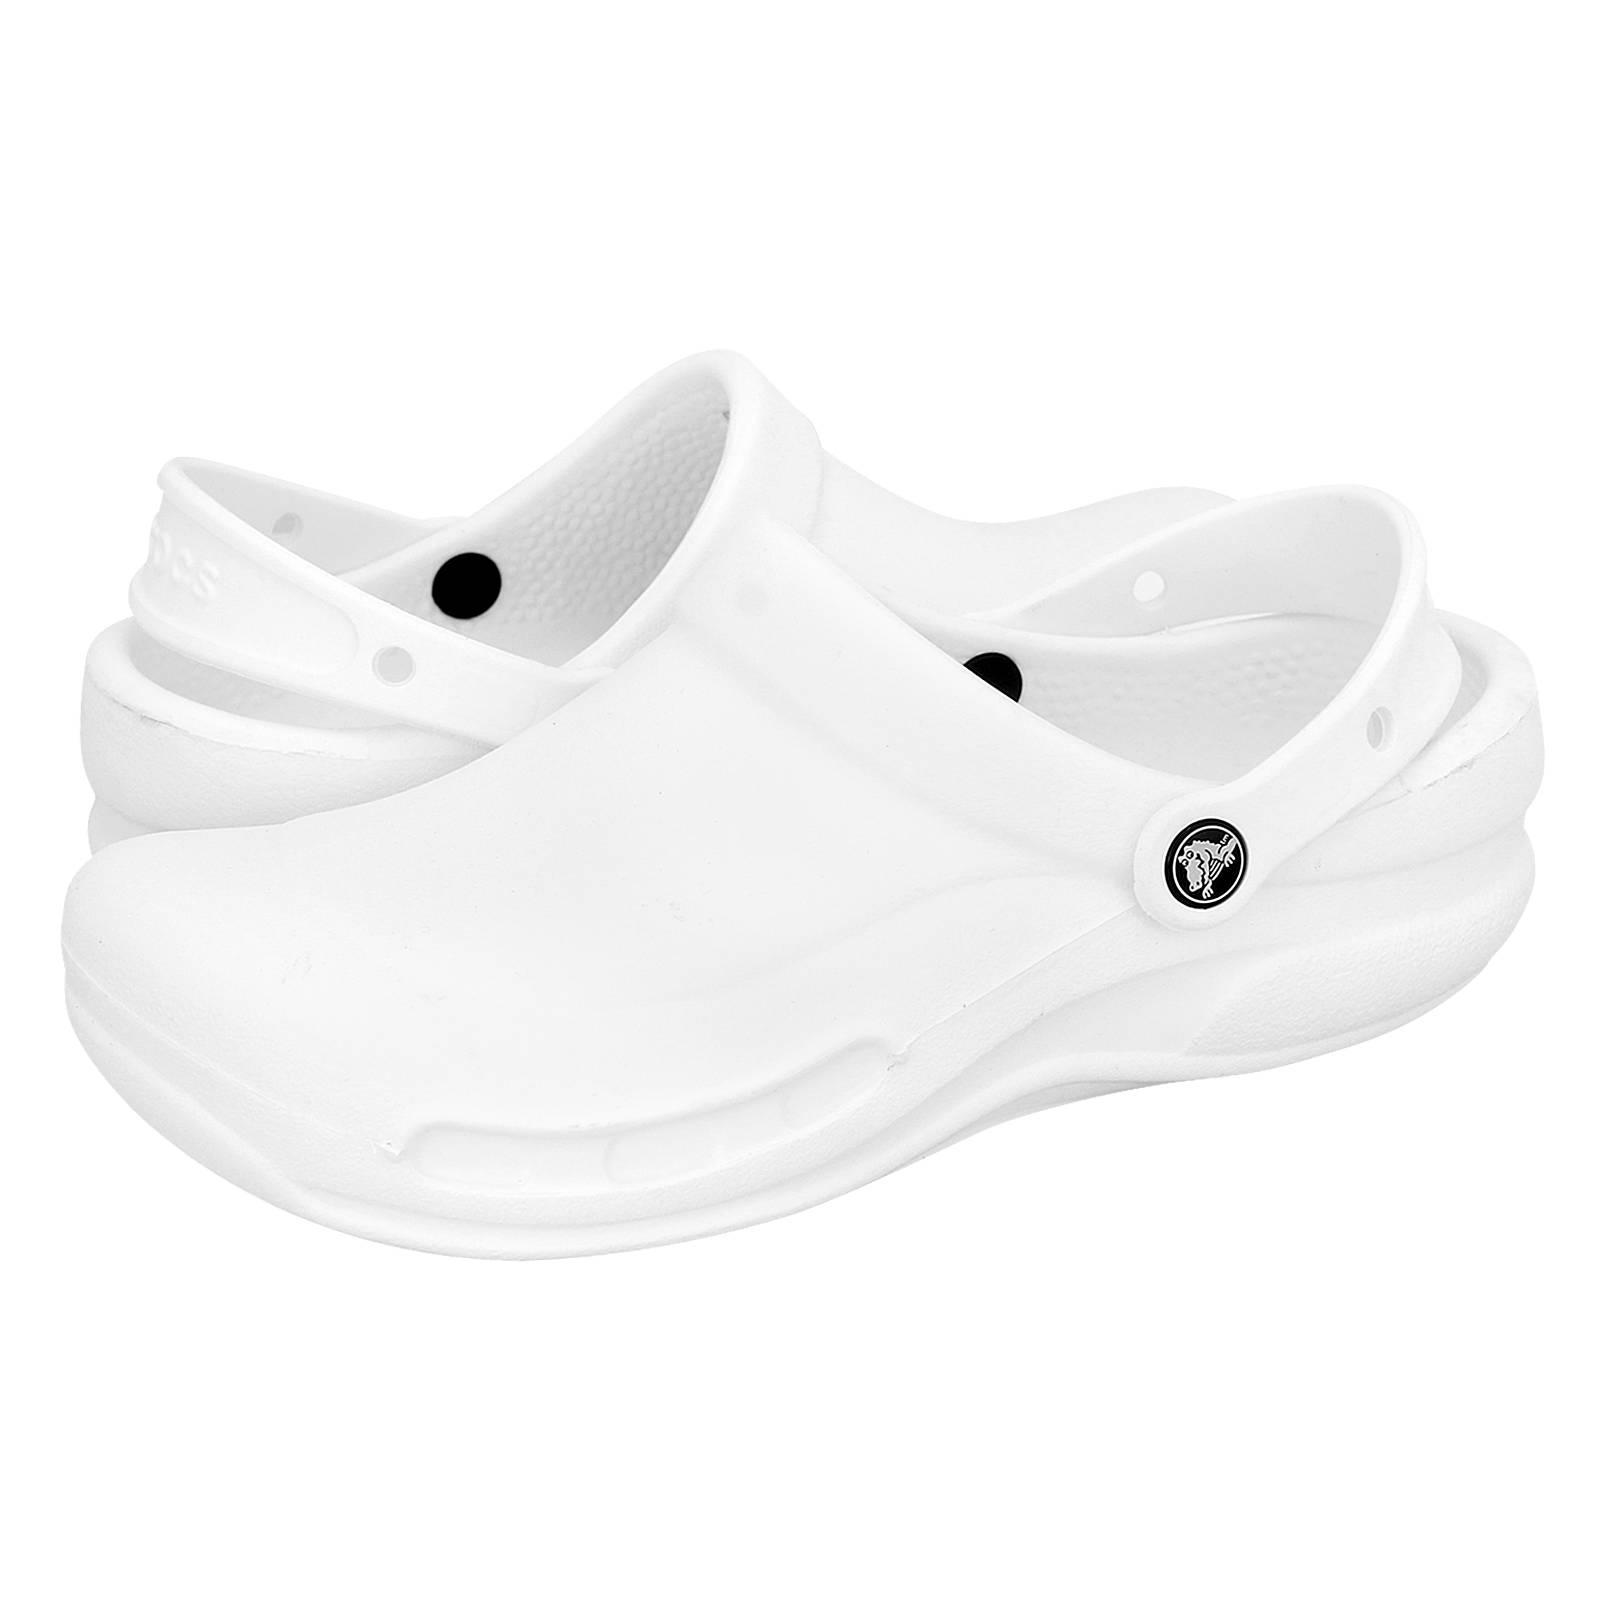 35a851e4c Bistro - Crocs Men s clogs made of croslite - Gianna Kazakou Online